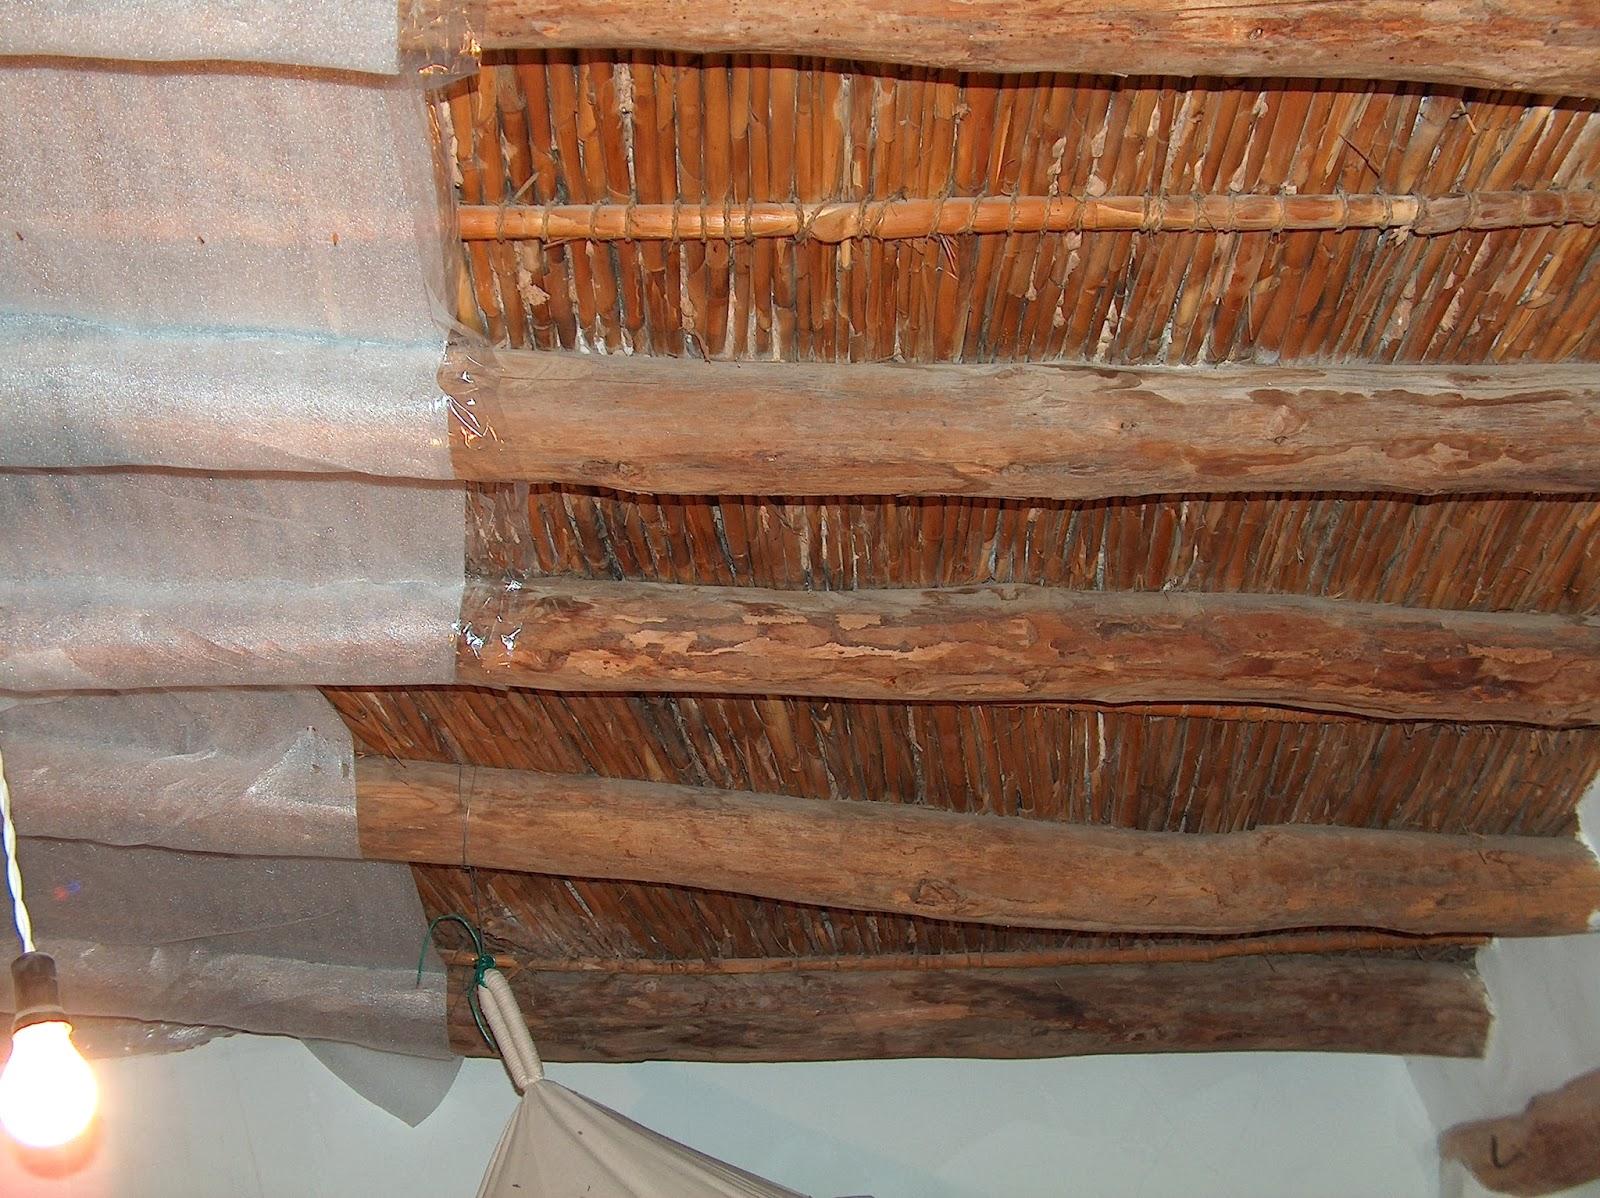 Como lo hice por javier boadella otros cubrimientos - Aislamiento termico techos interior ...